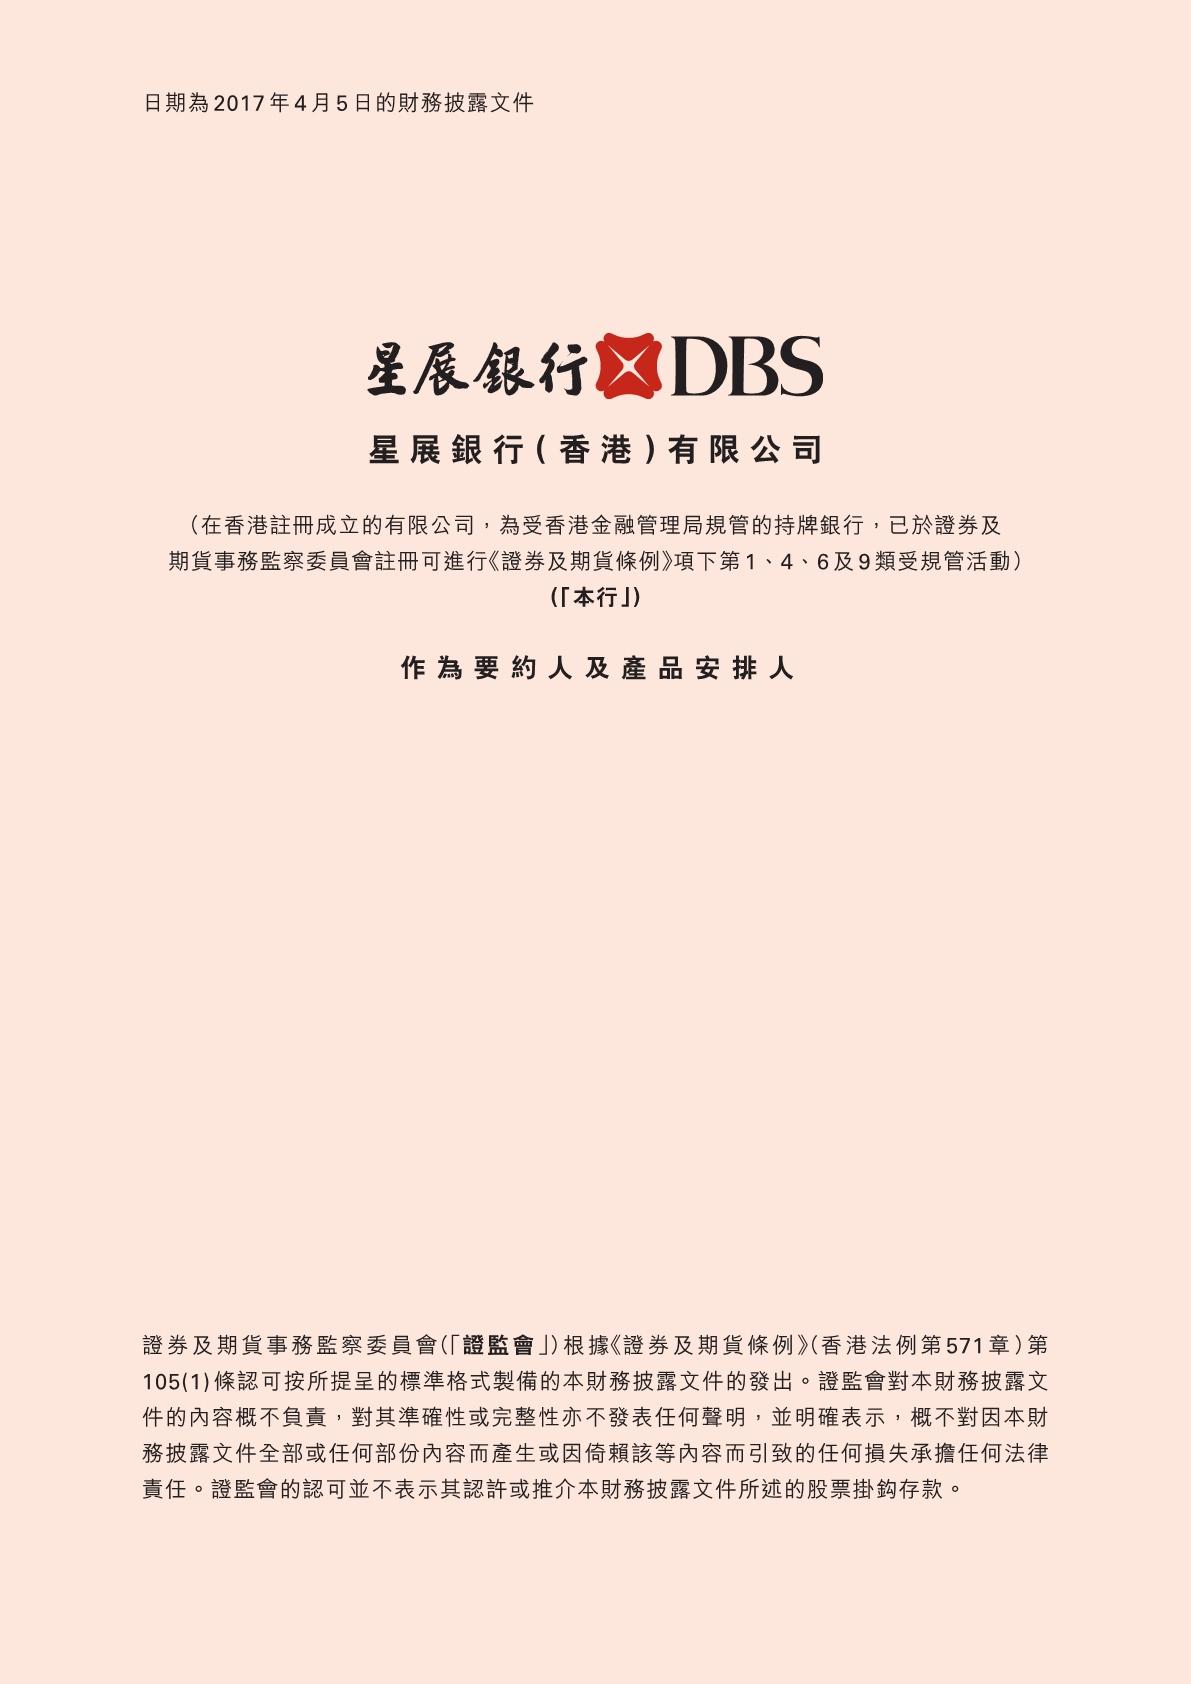 星展银行(香港)有限公司 – 财务披露文件